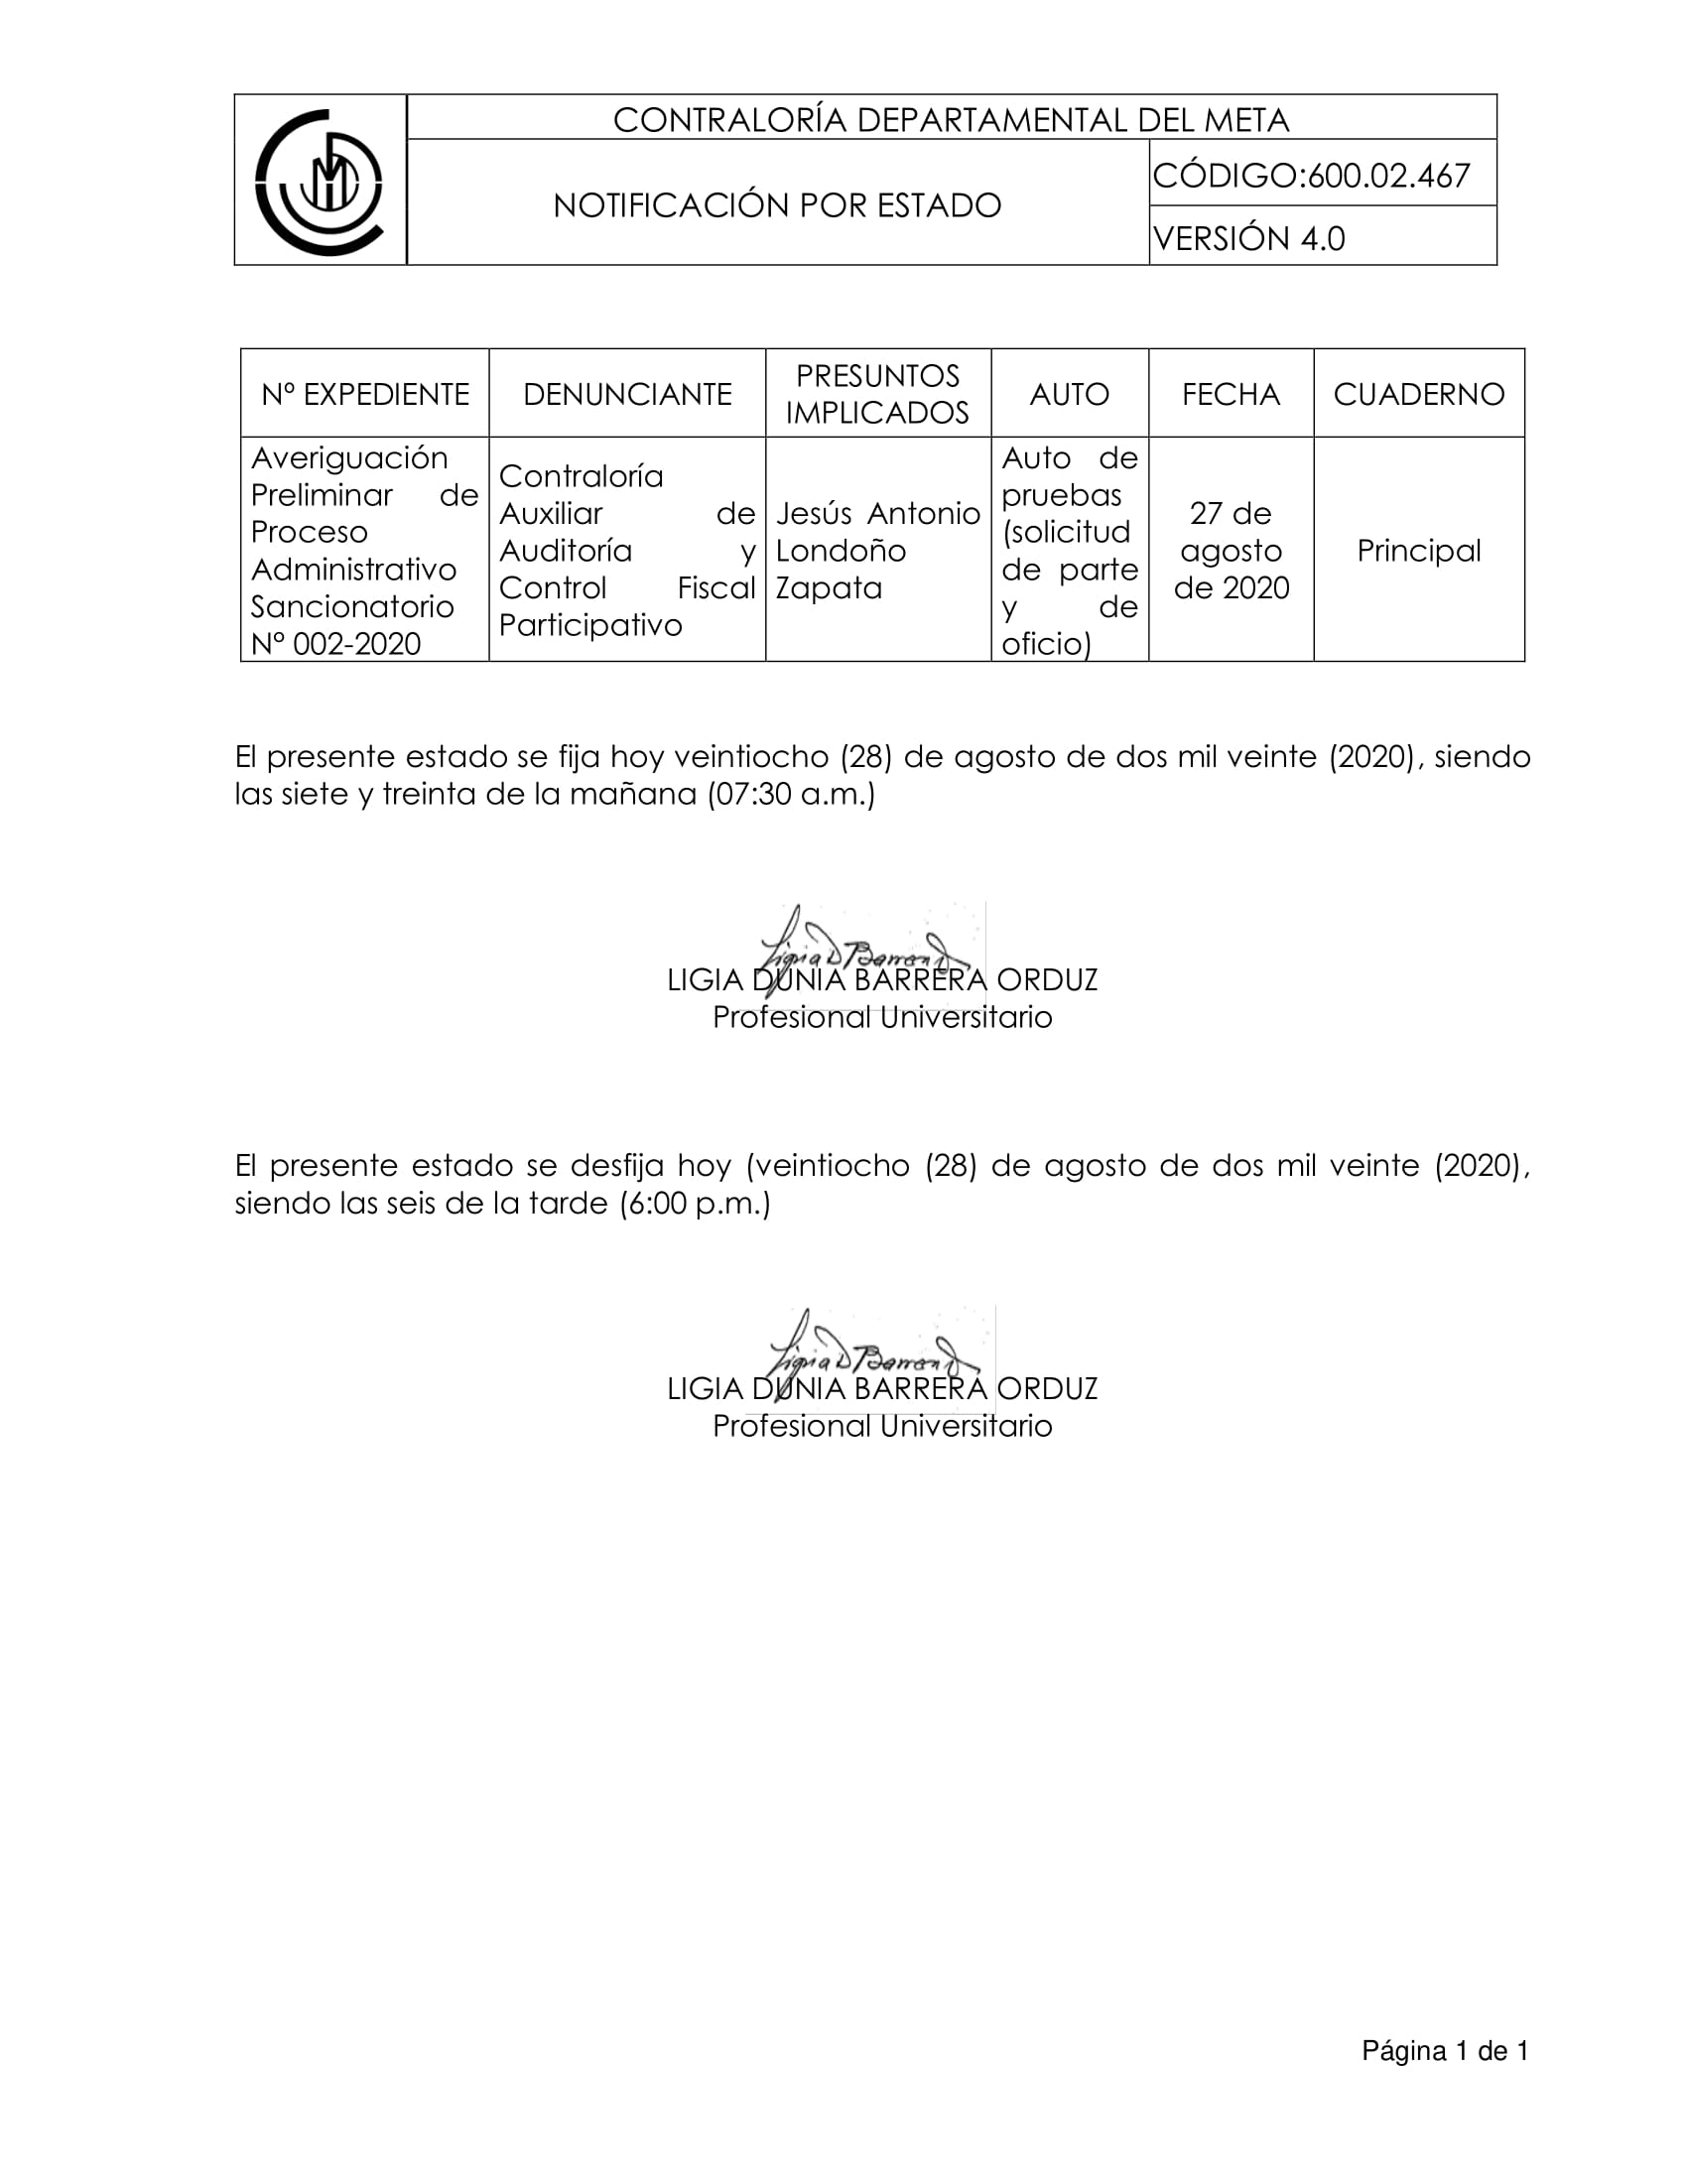 notificacion-por-estado-a-preliminar-pasf-002-2020-1